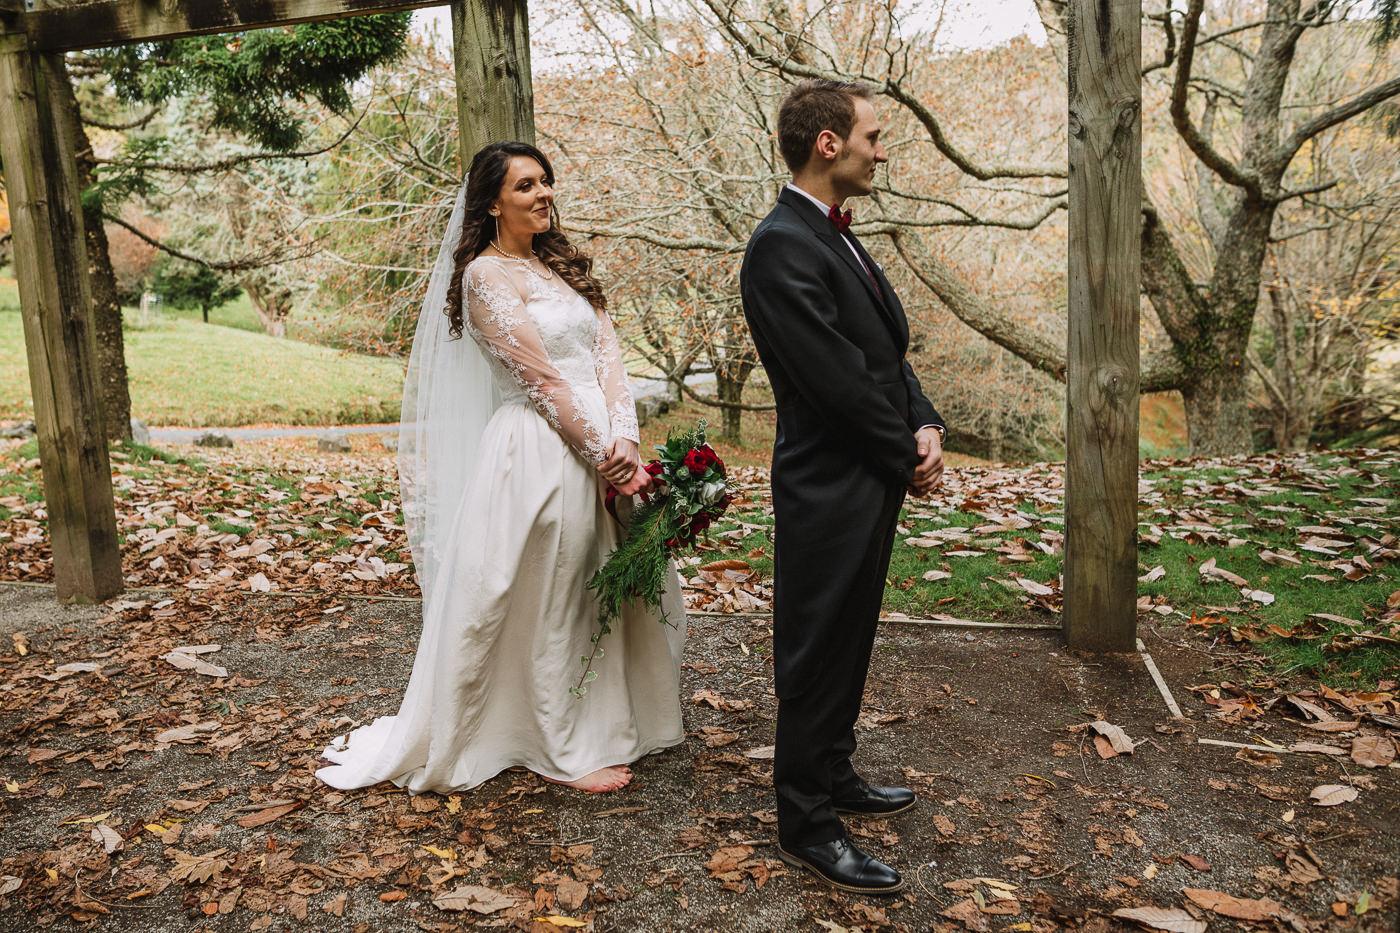 wedding_photographers_tauranga-1040.jpg